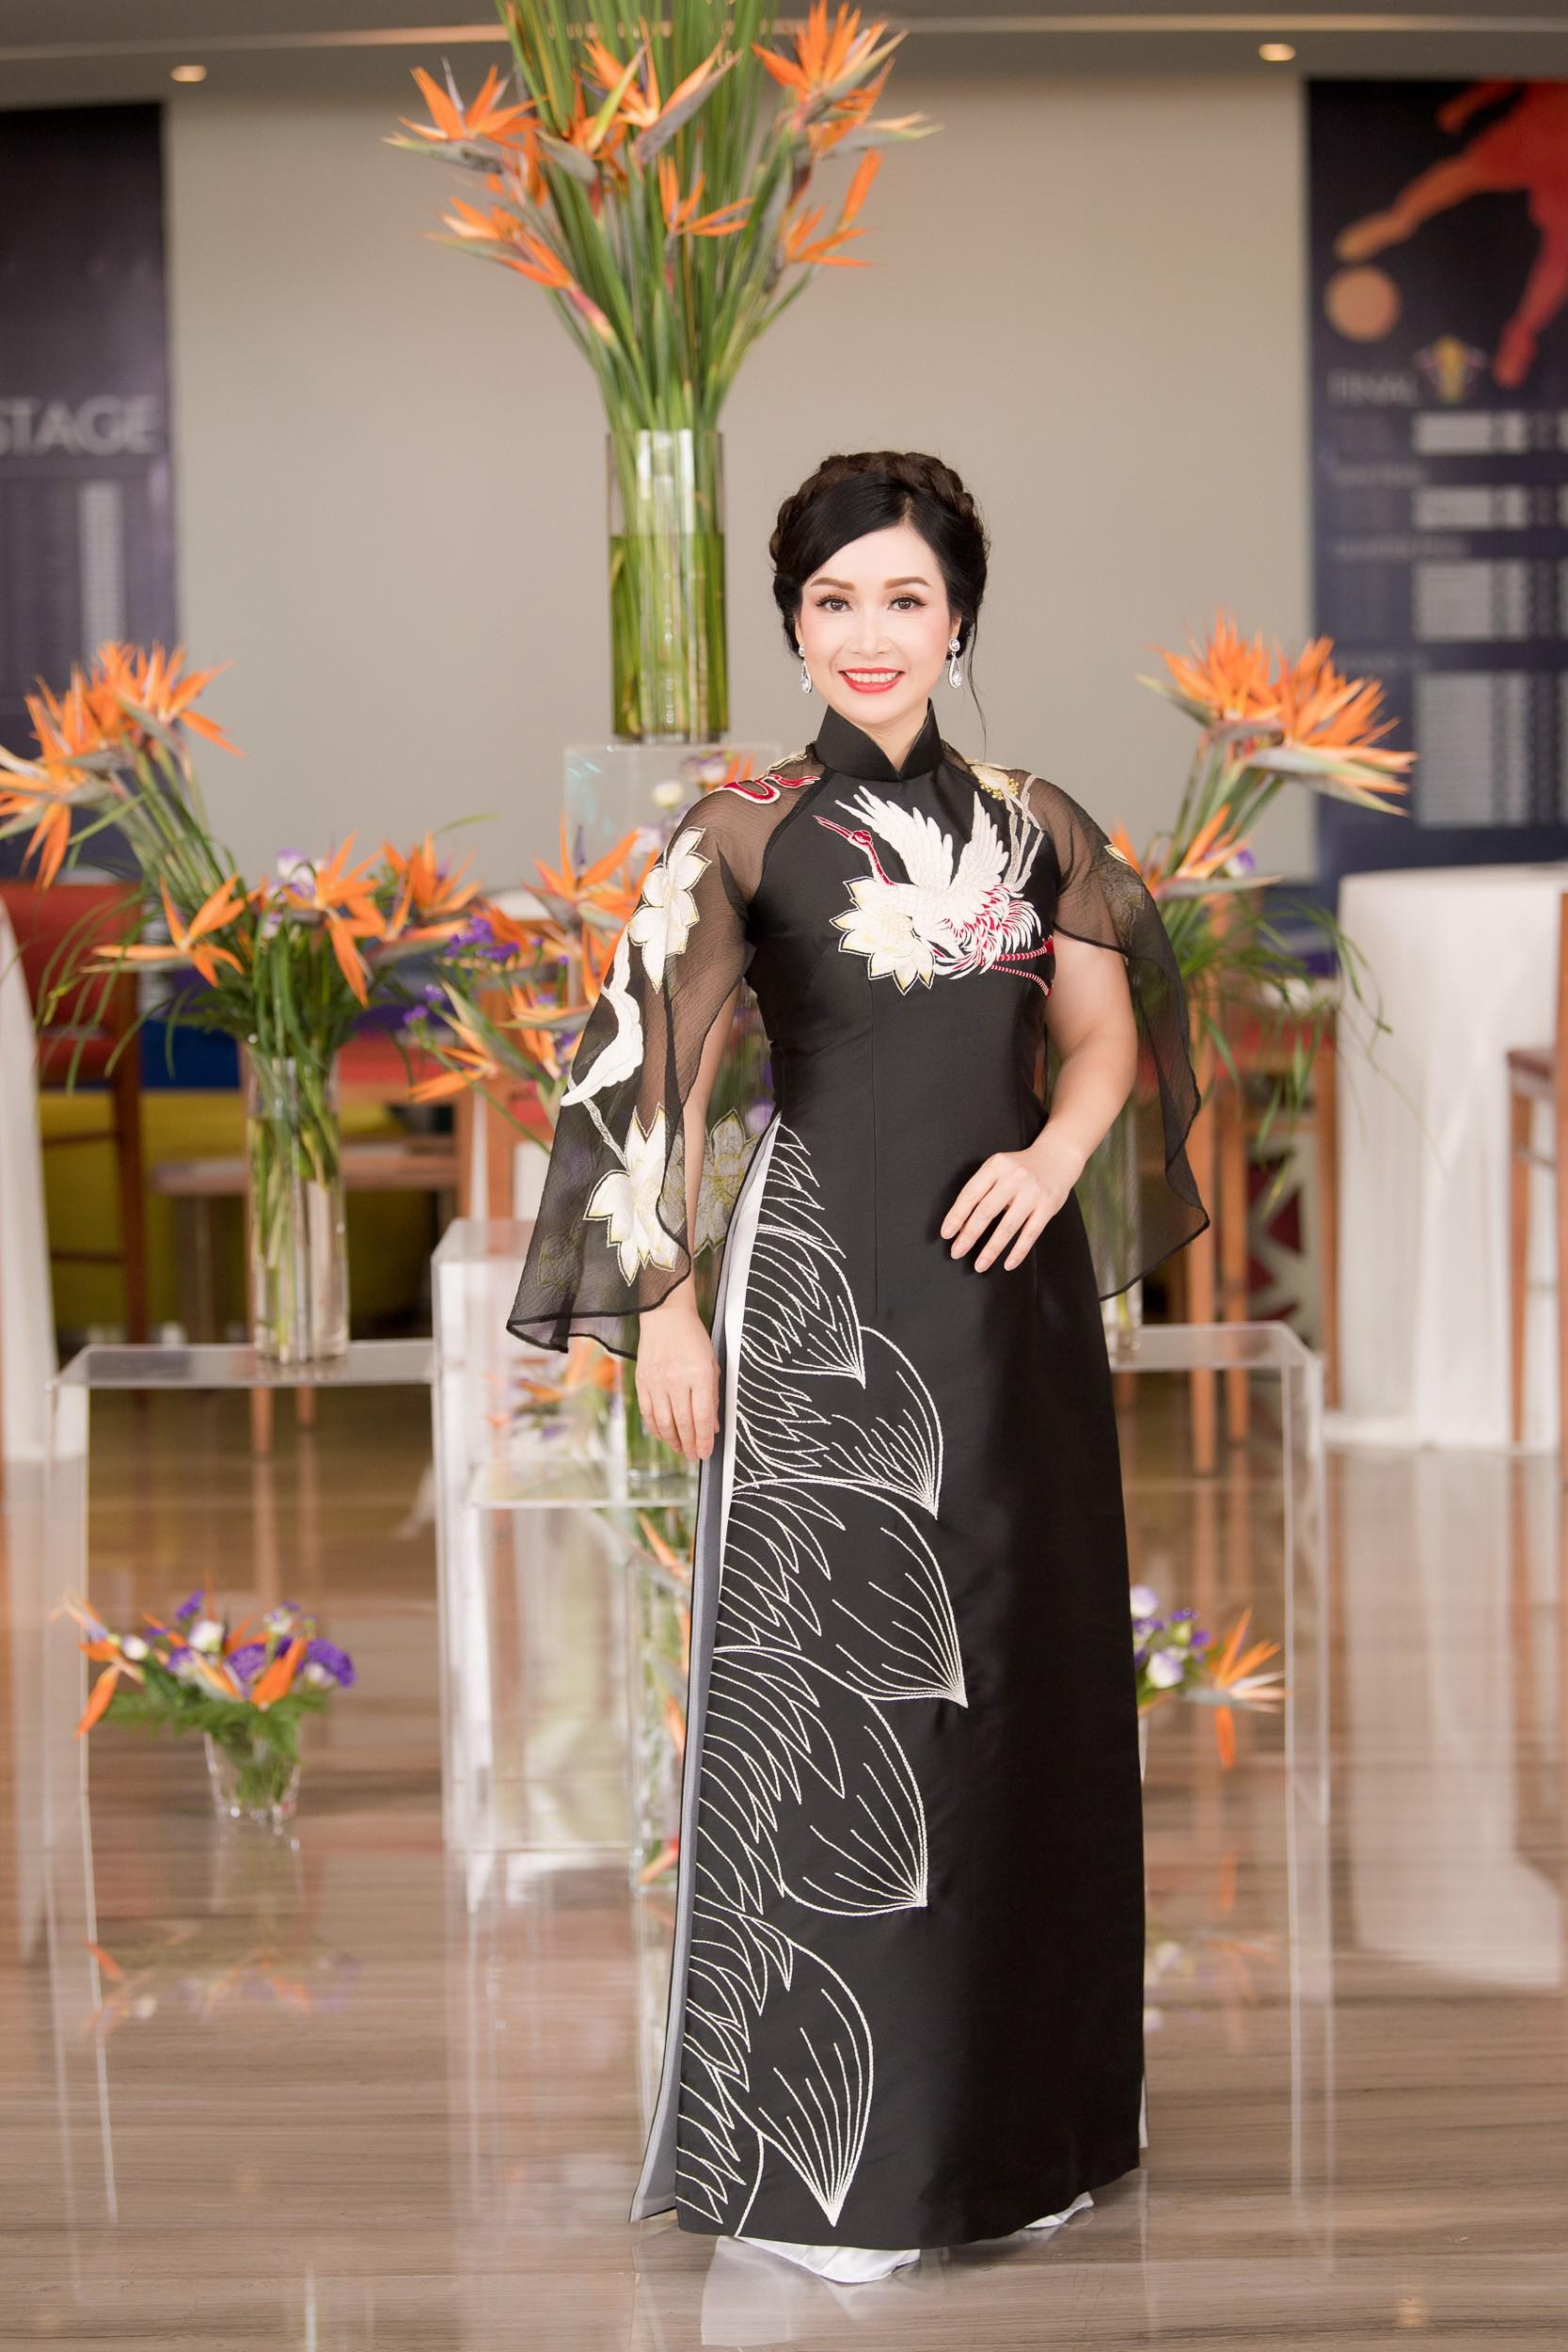 Hoa hậu Việt Nam 2018 mời bác sĩ nha khoa, nhân trắc học nhiều lần tránh để lọt thí sinh phẫu thuật thẩm mỹ - Ảnh 2.